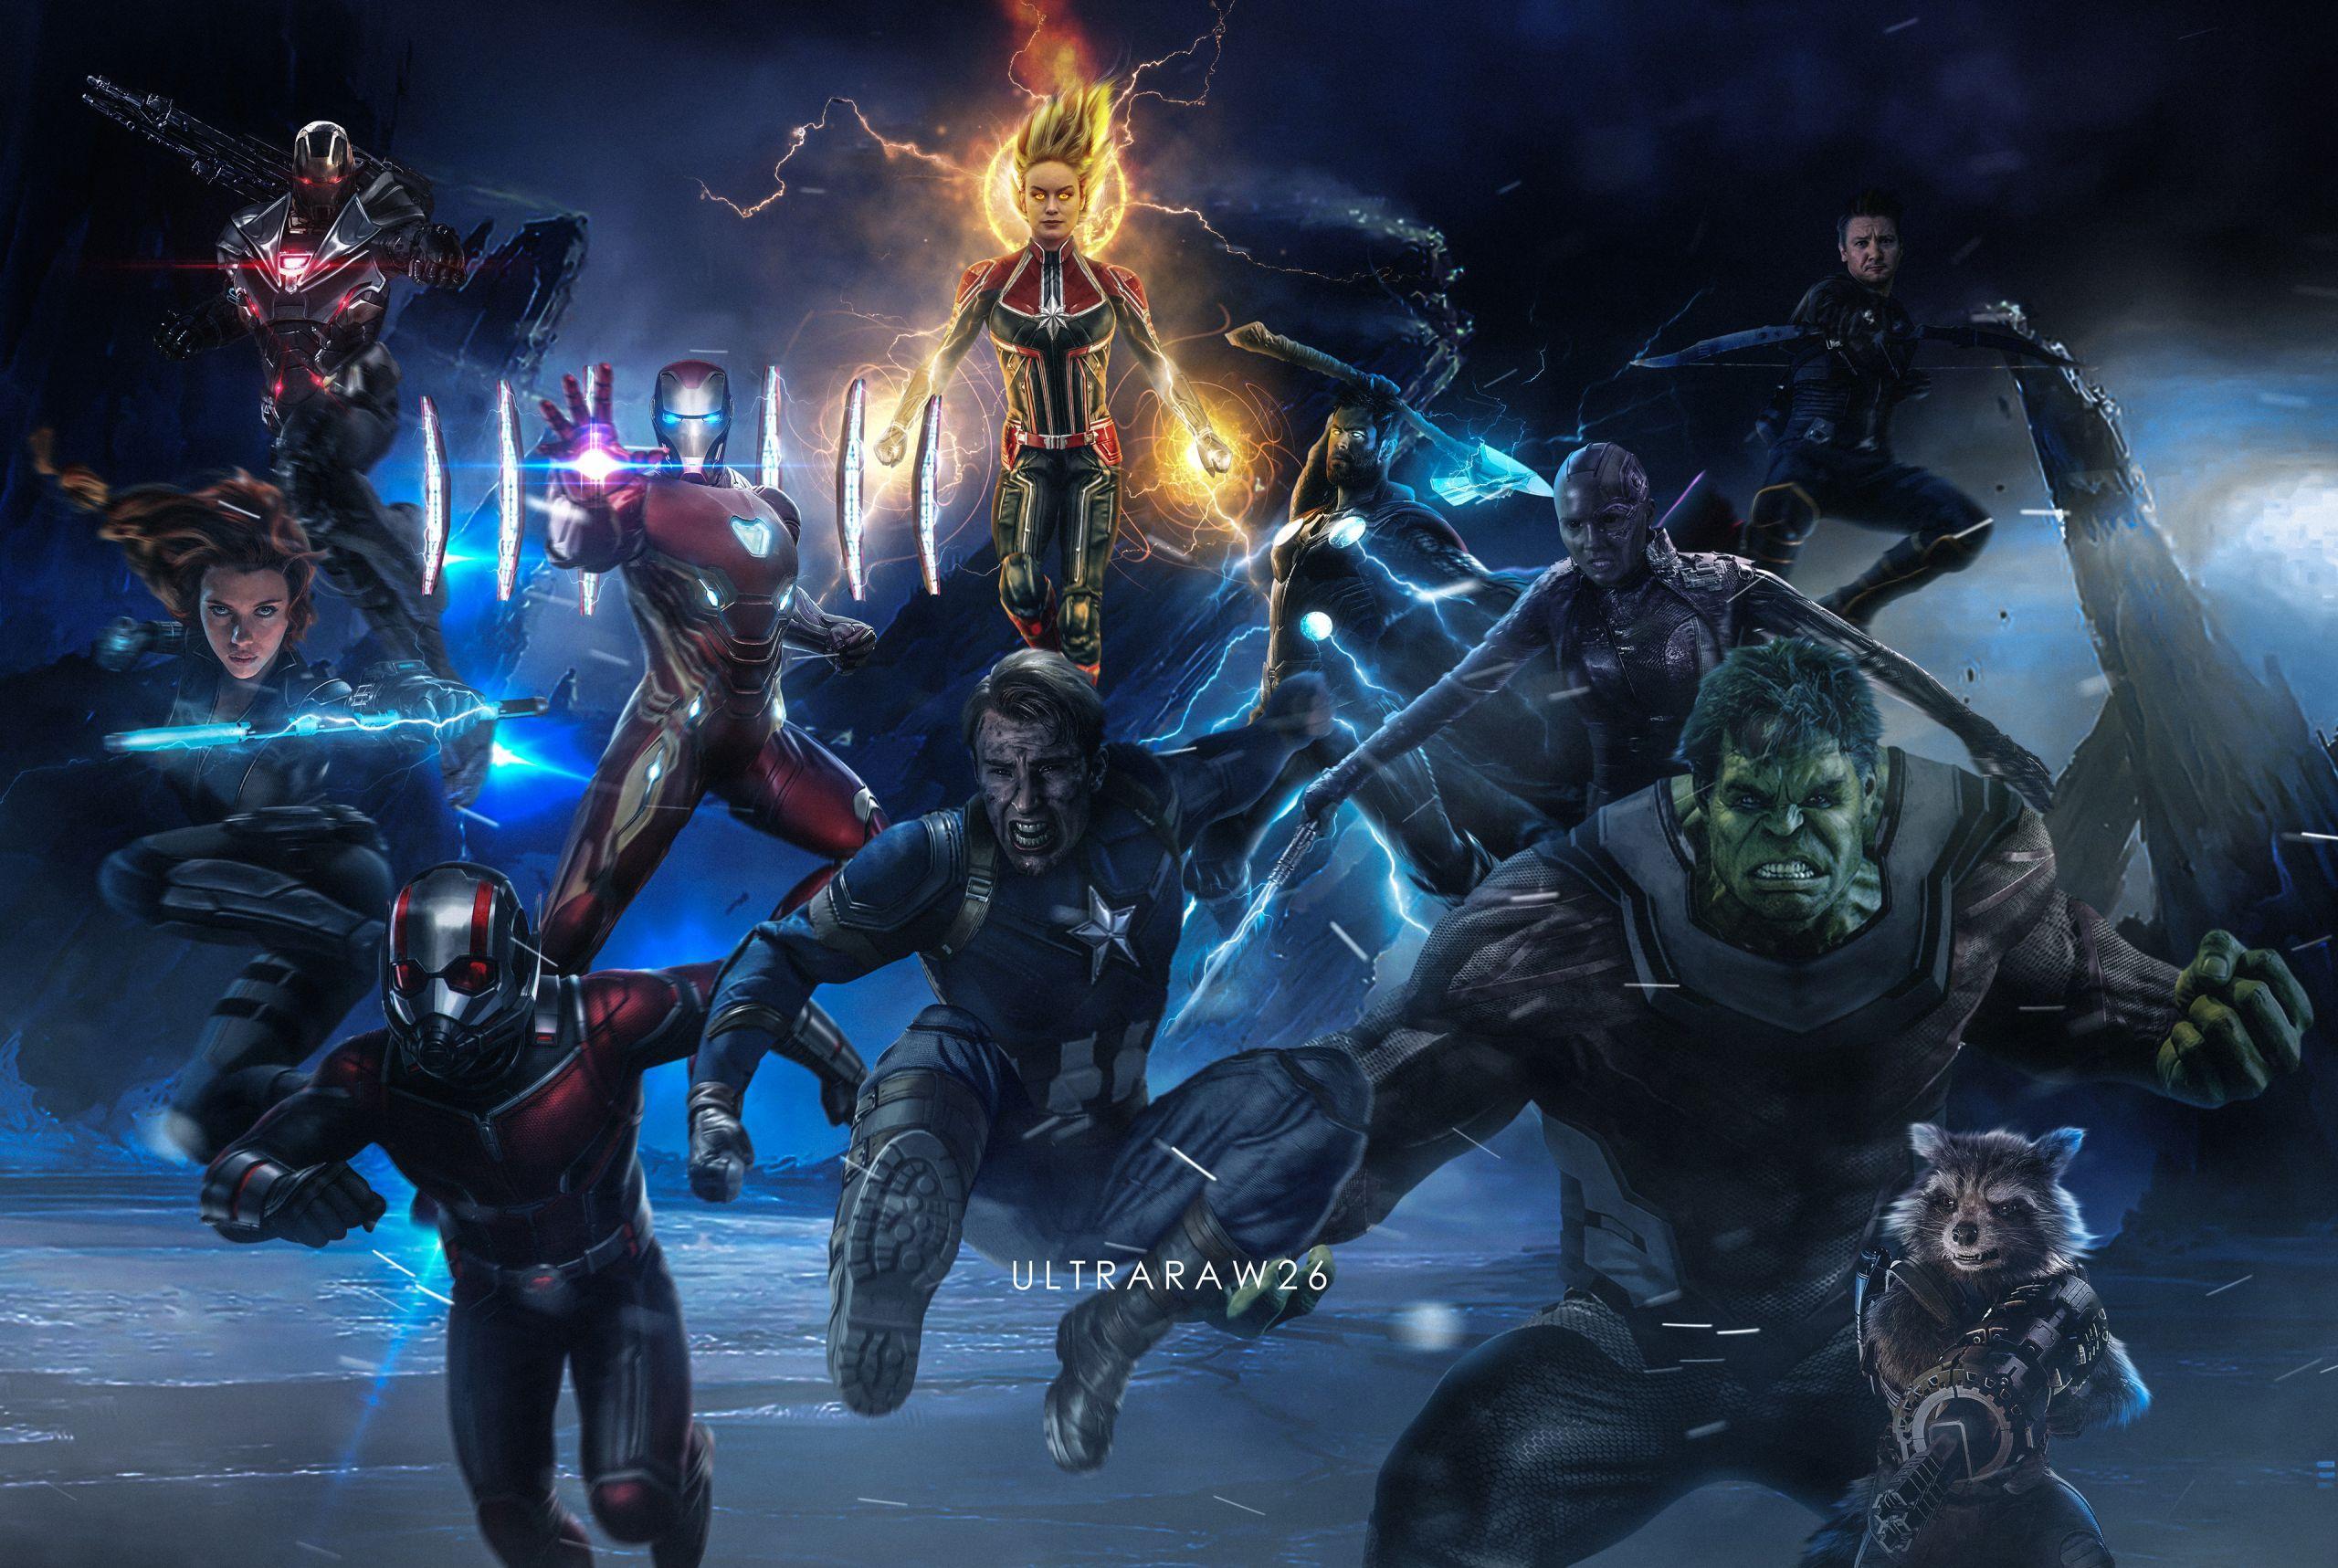 Avengers Endgame Wallpaper Fresh Avengers Endgame 4k Ultra Hd Wallpaper Of Avengers Endgame W In 2020 Avengers Wallpaper Thor Wallpaper Captain America Wallpaper